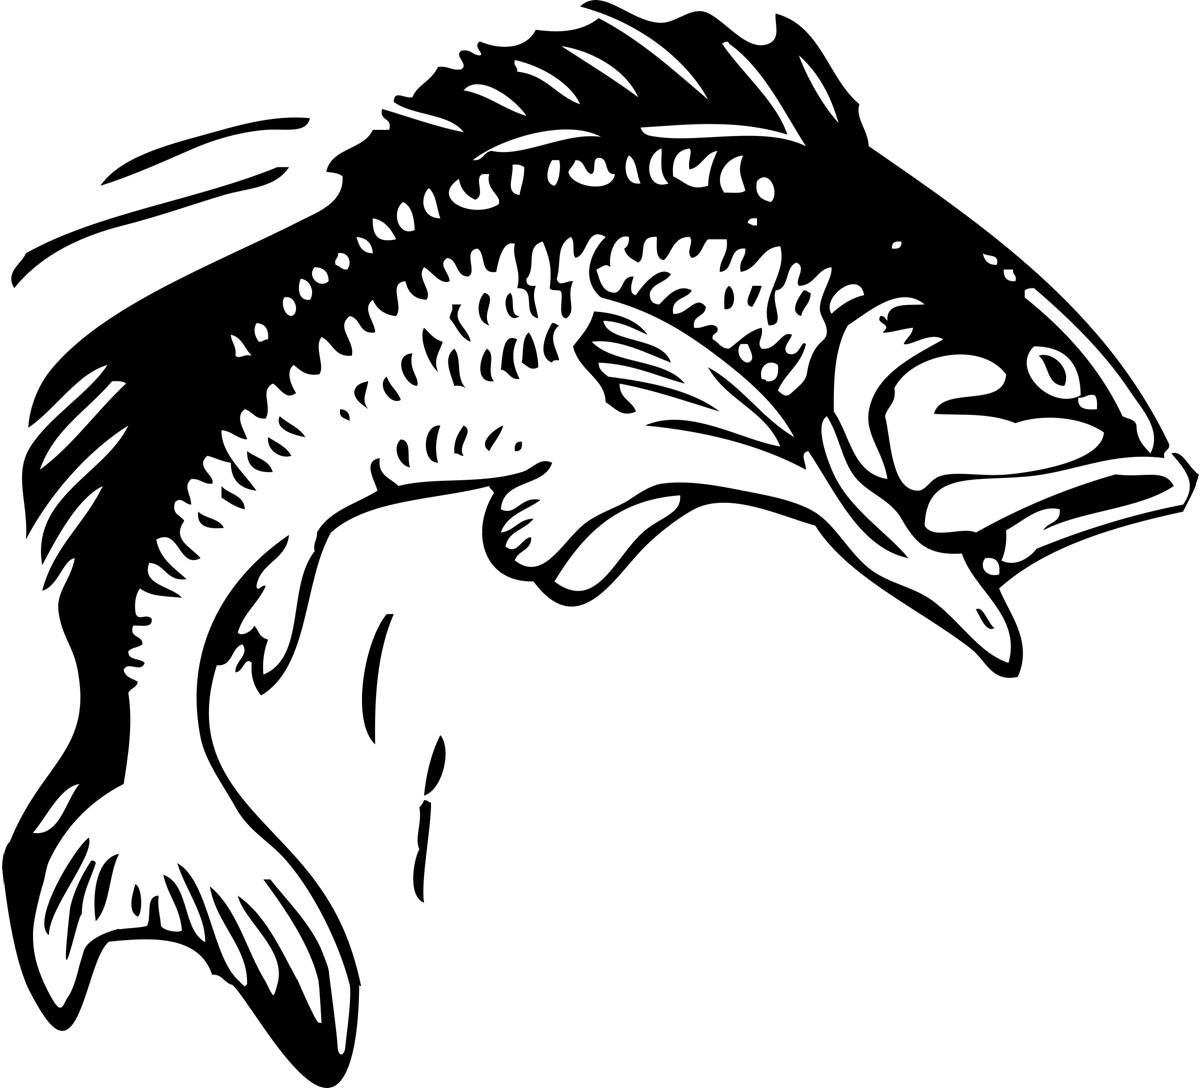 Fisherman clipart bass fishing Pan clipart fish frying image